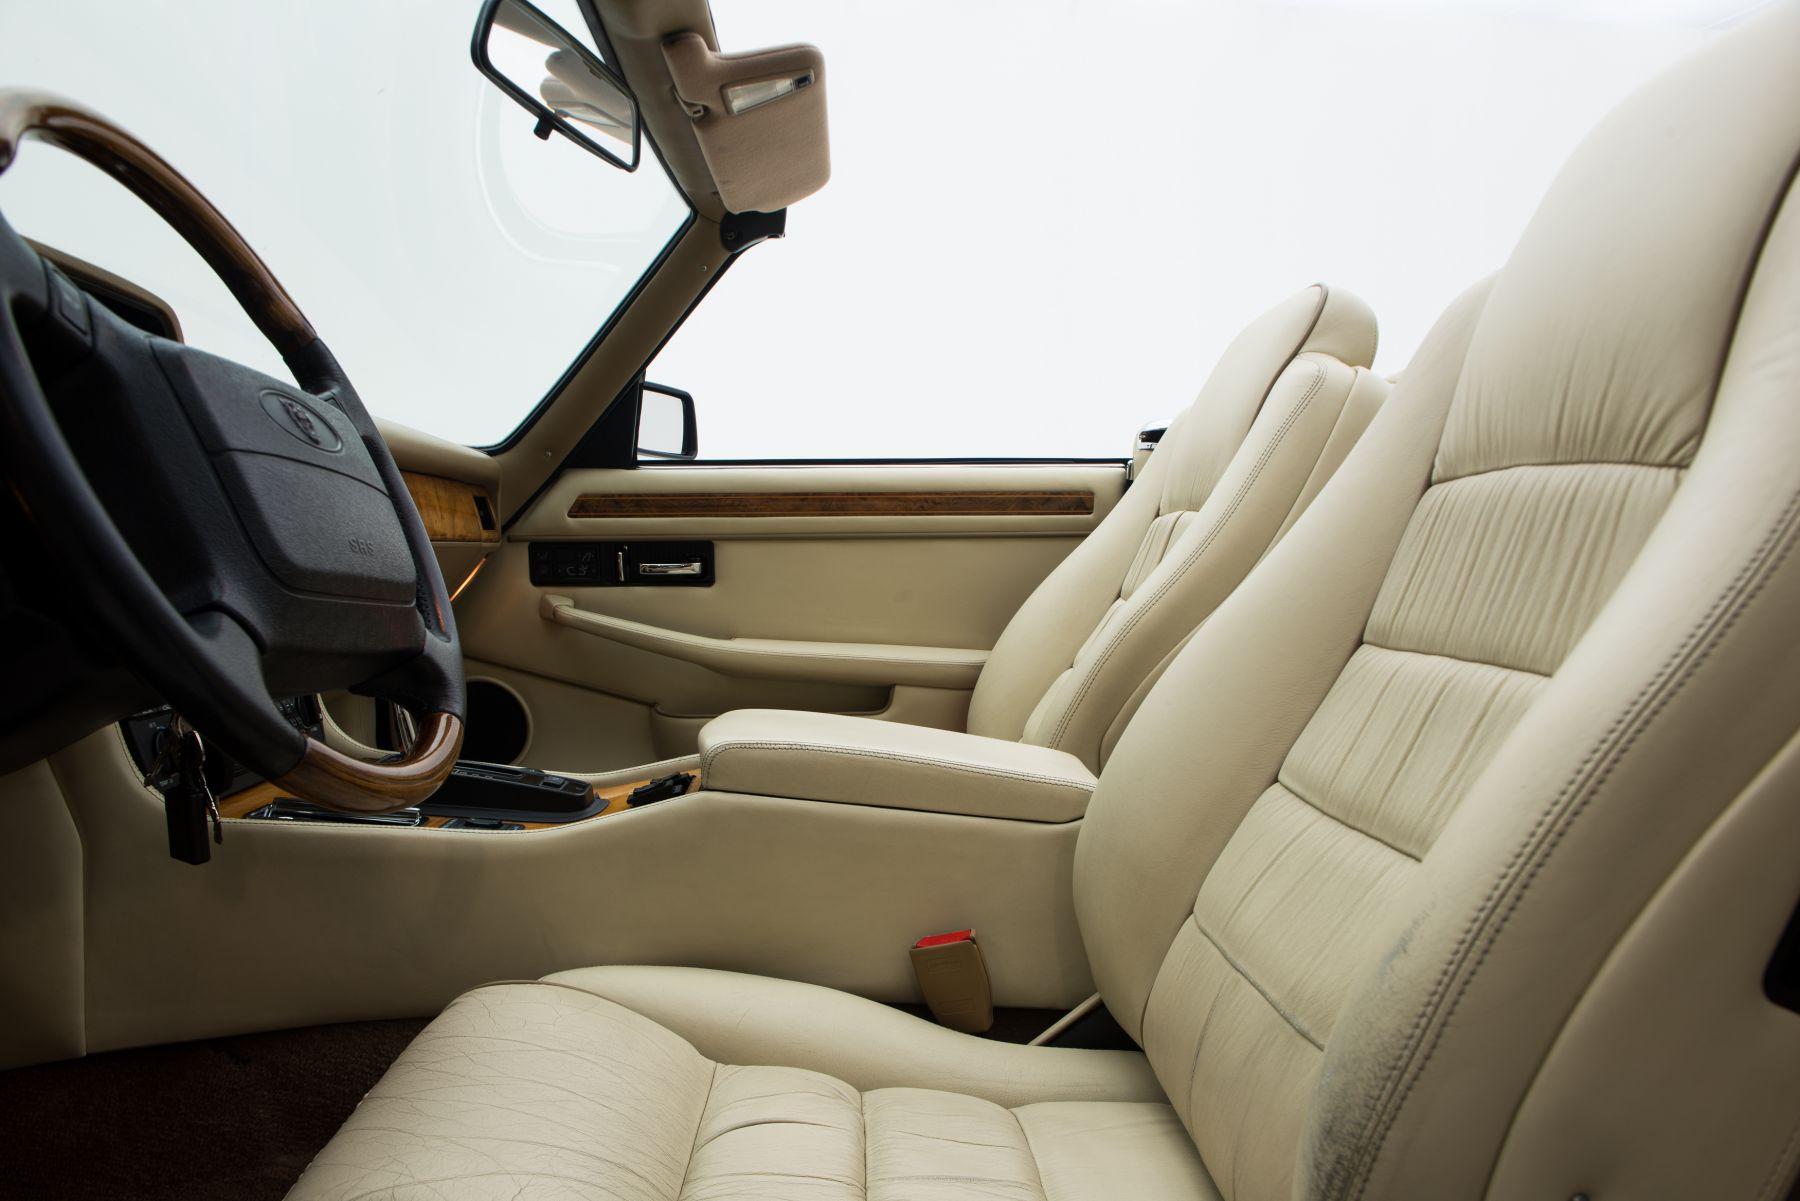 Jaguar xjs 6 0 v12 for sale brooks classics klassiekers for Auto interieur reinigen utrecht